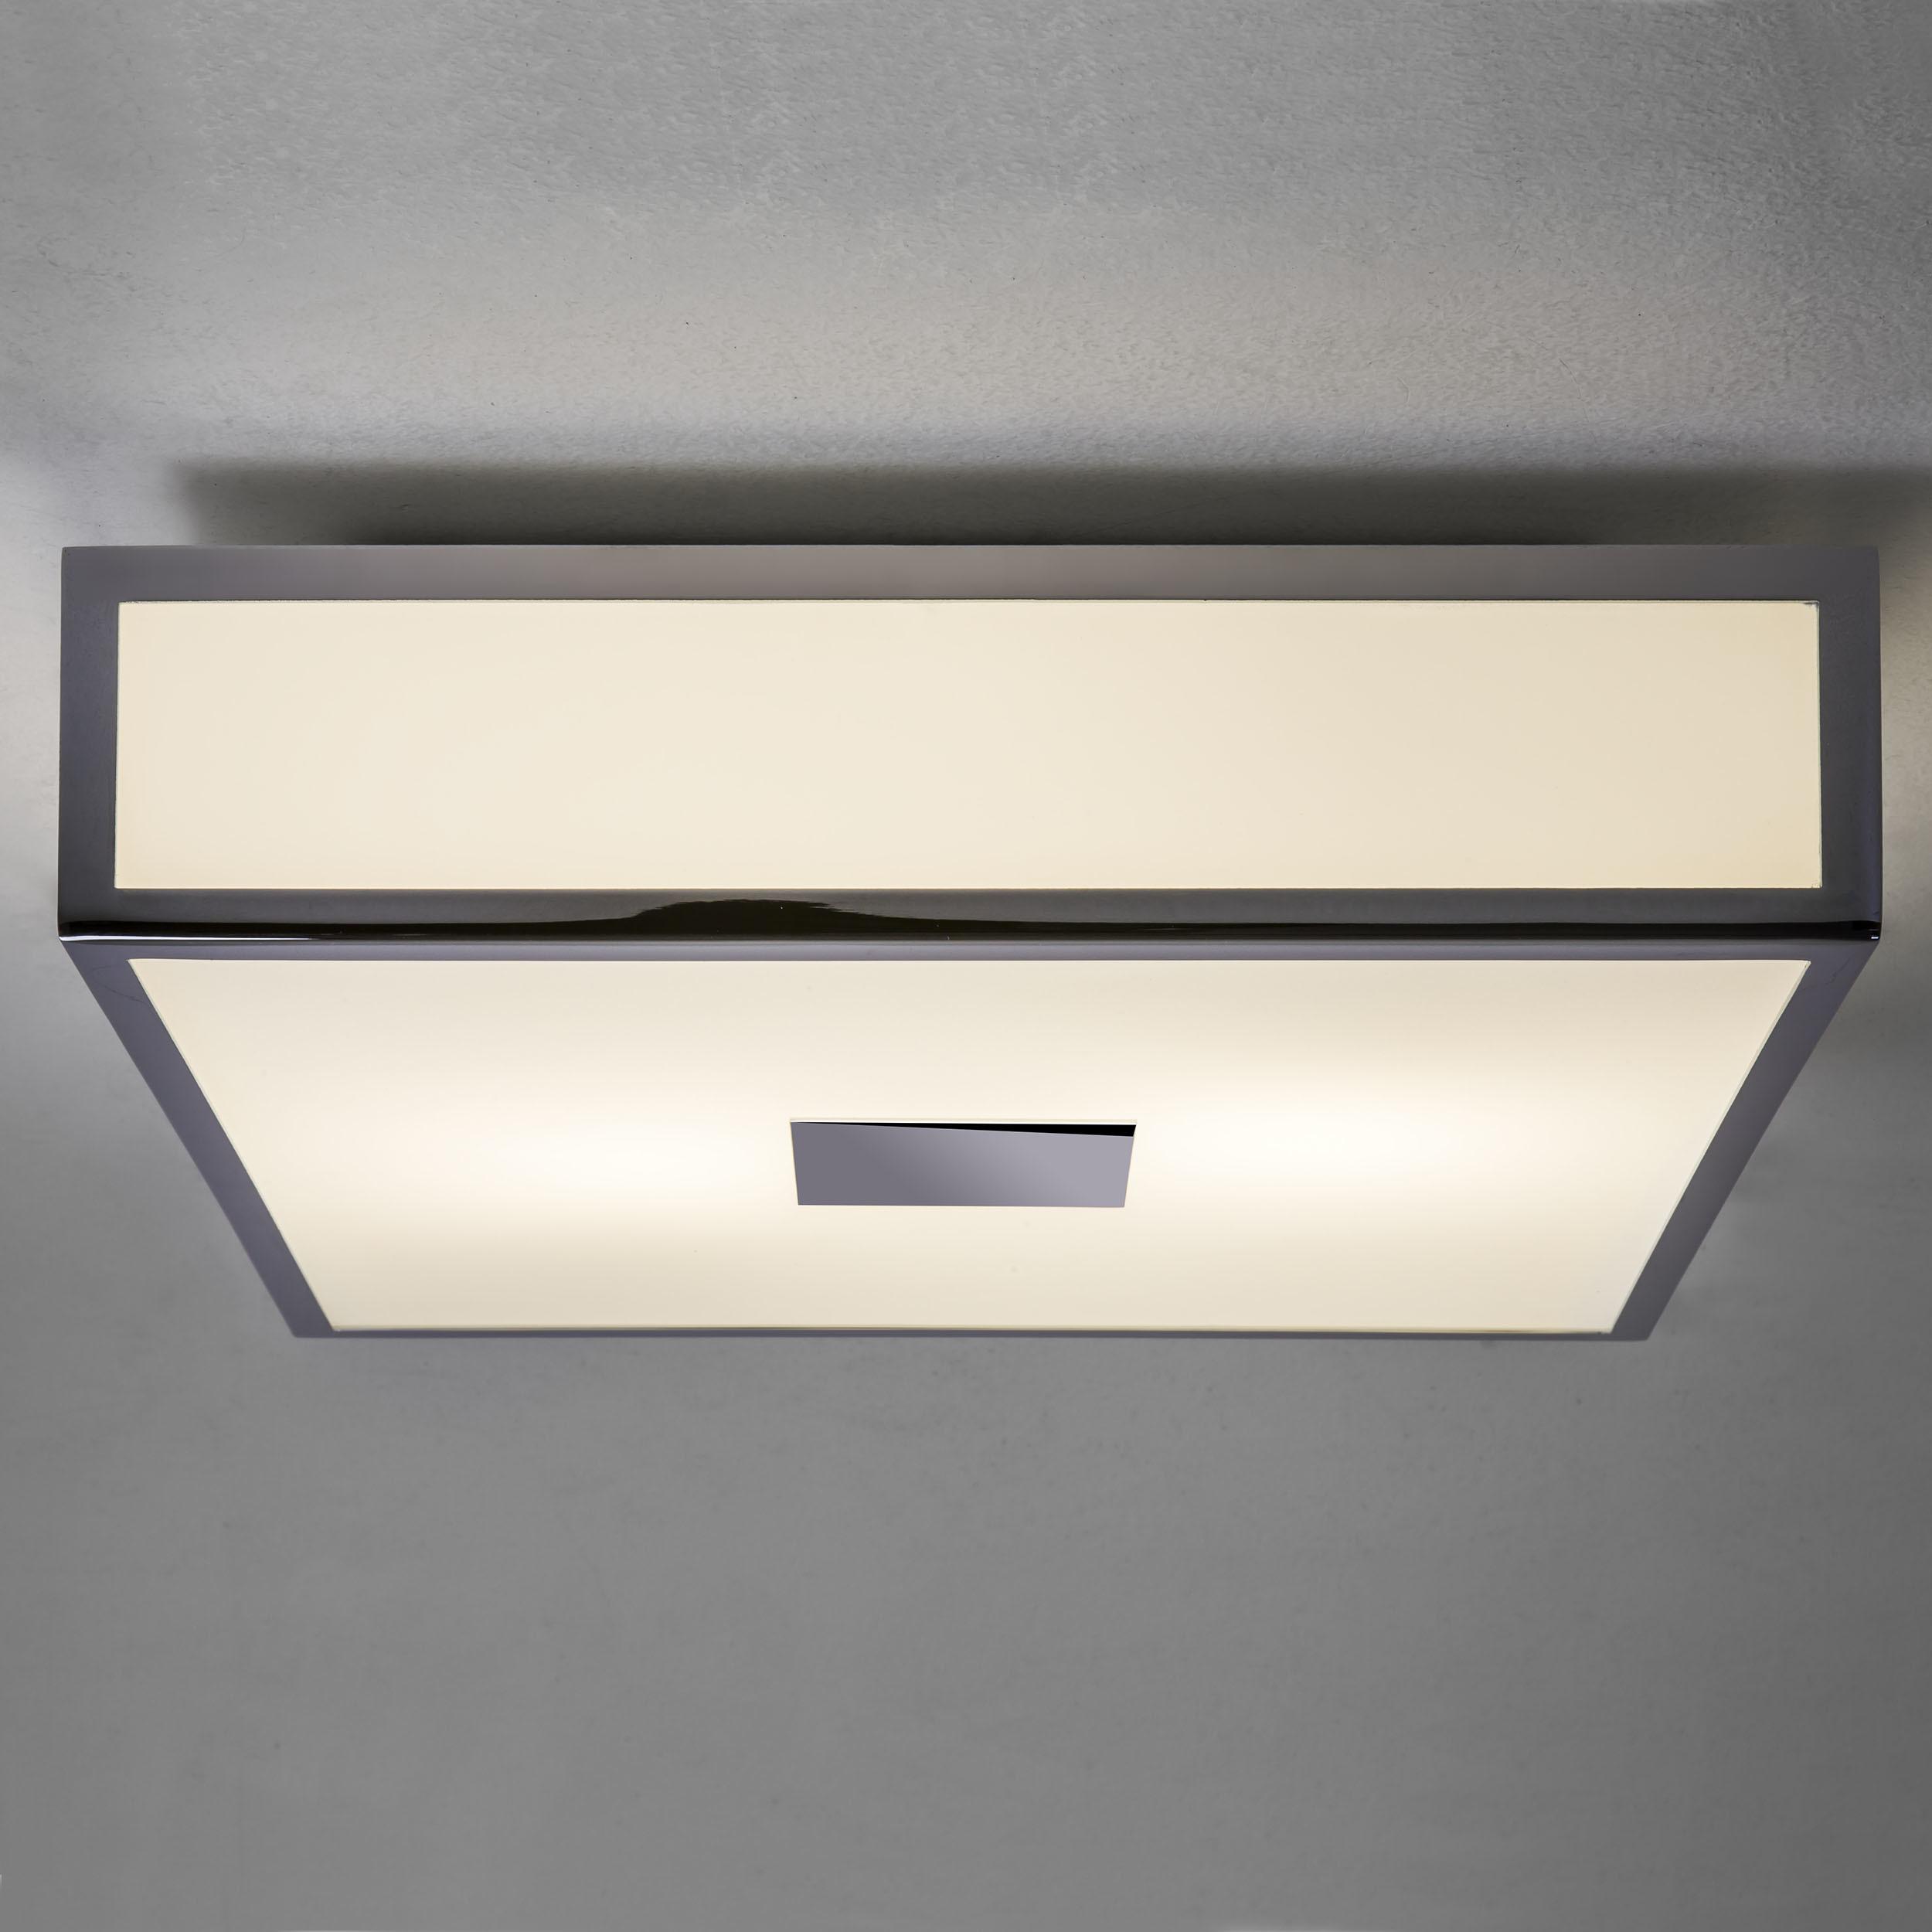 Потолочный светодиодный светильник Astro Mashiko LED 1121081 (7942), IP44, LED 15,9W 2700K 981lm CRI>80, хром, стекло - фото 1